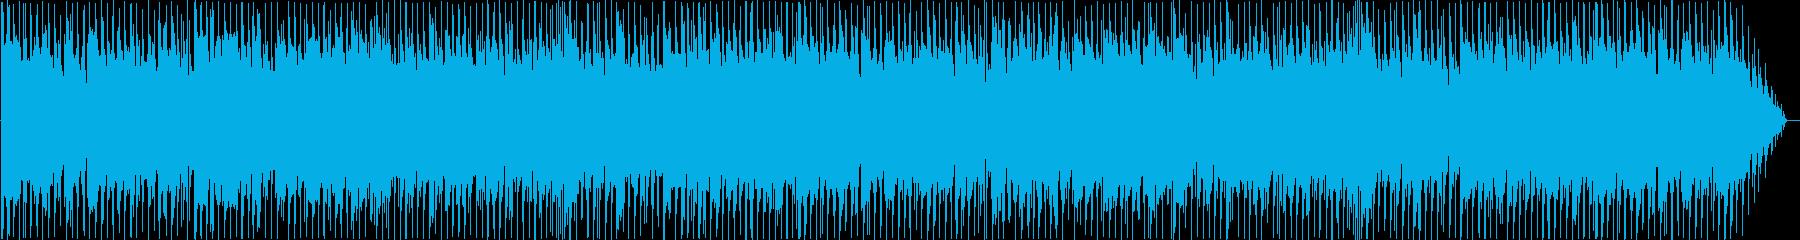 良いことがありそうな、そんな気分のBGMの再生済みの波形